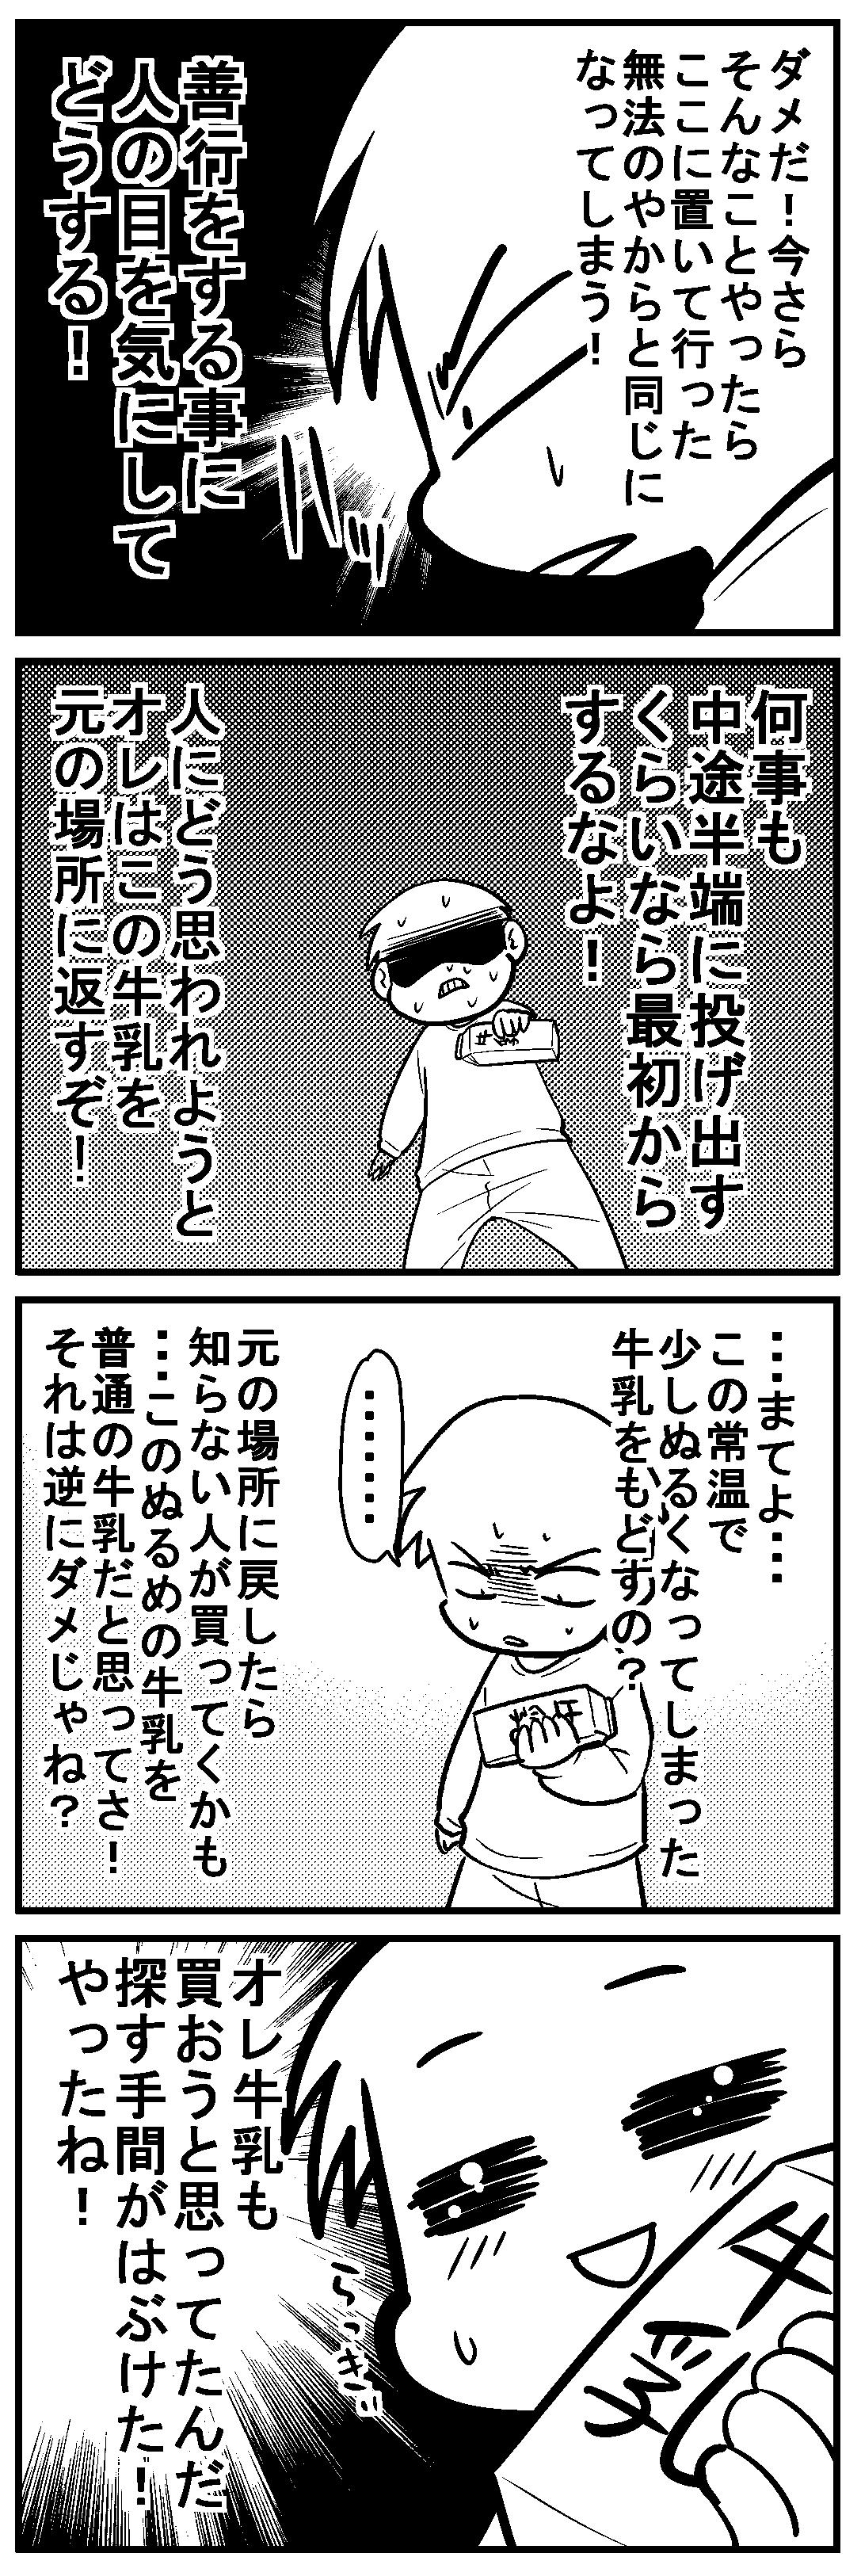 深読みくん43-4